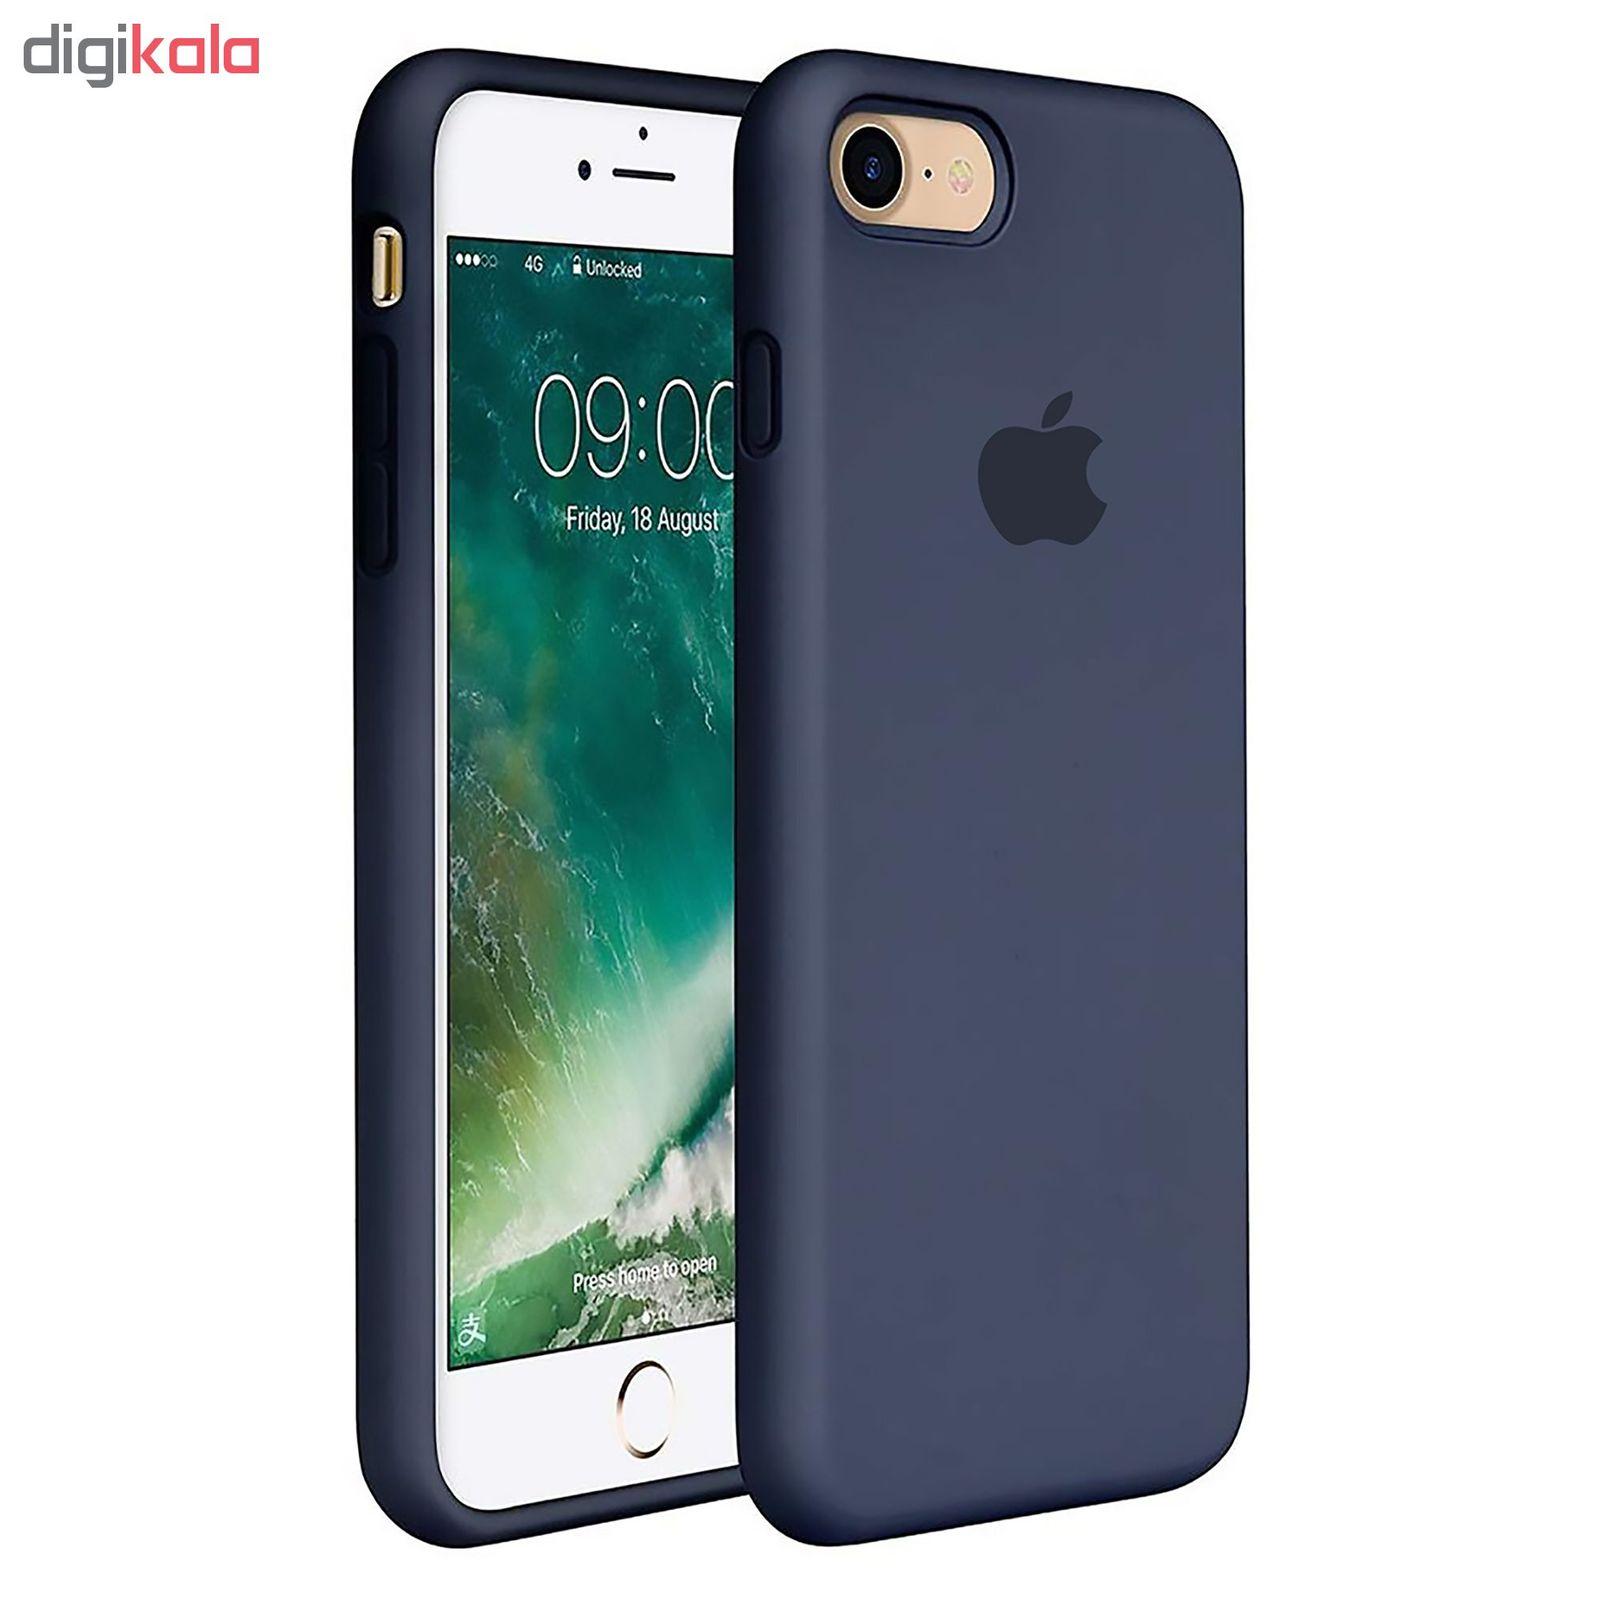 کاور مدل Silc مناسب برای گوشی موبایل اپل Iphone 8 / iphone 7 main 1 16